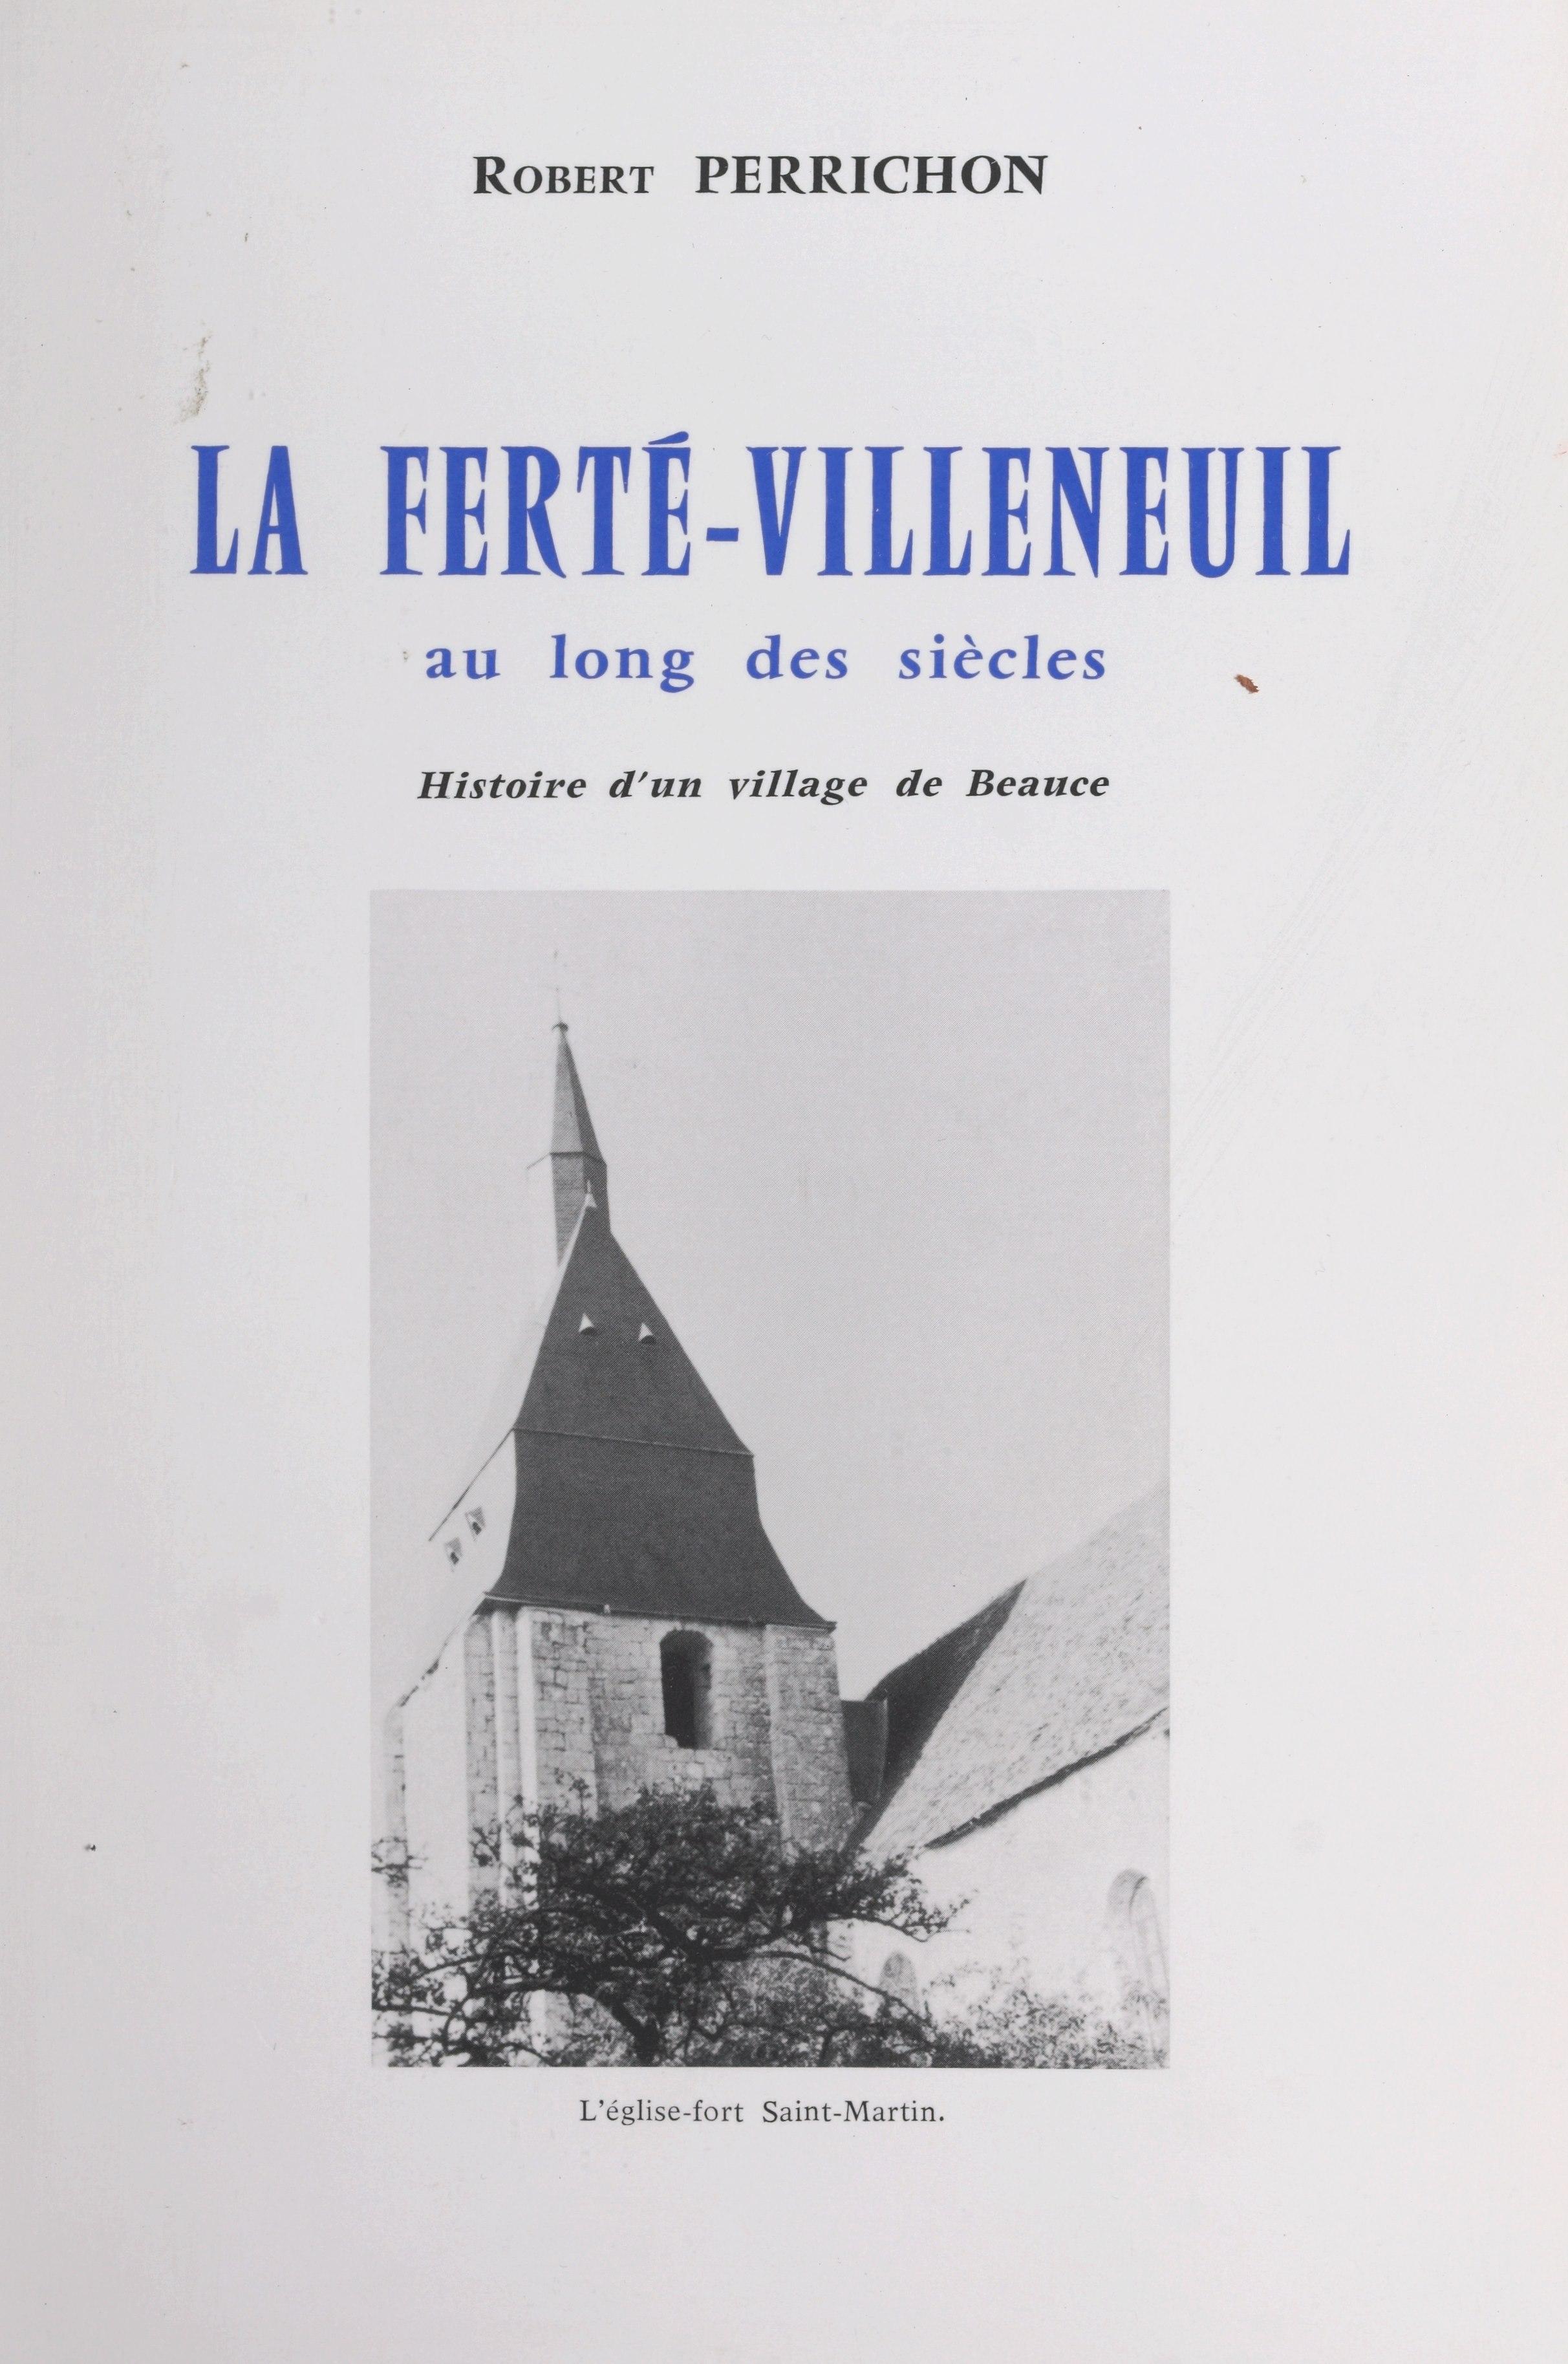 La Ferté-Villeneuil au long des siècles, HISTOIRE D'UN VILLAGE DE BEAUCE